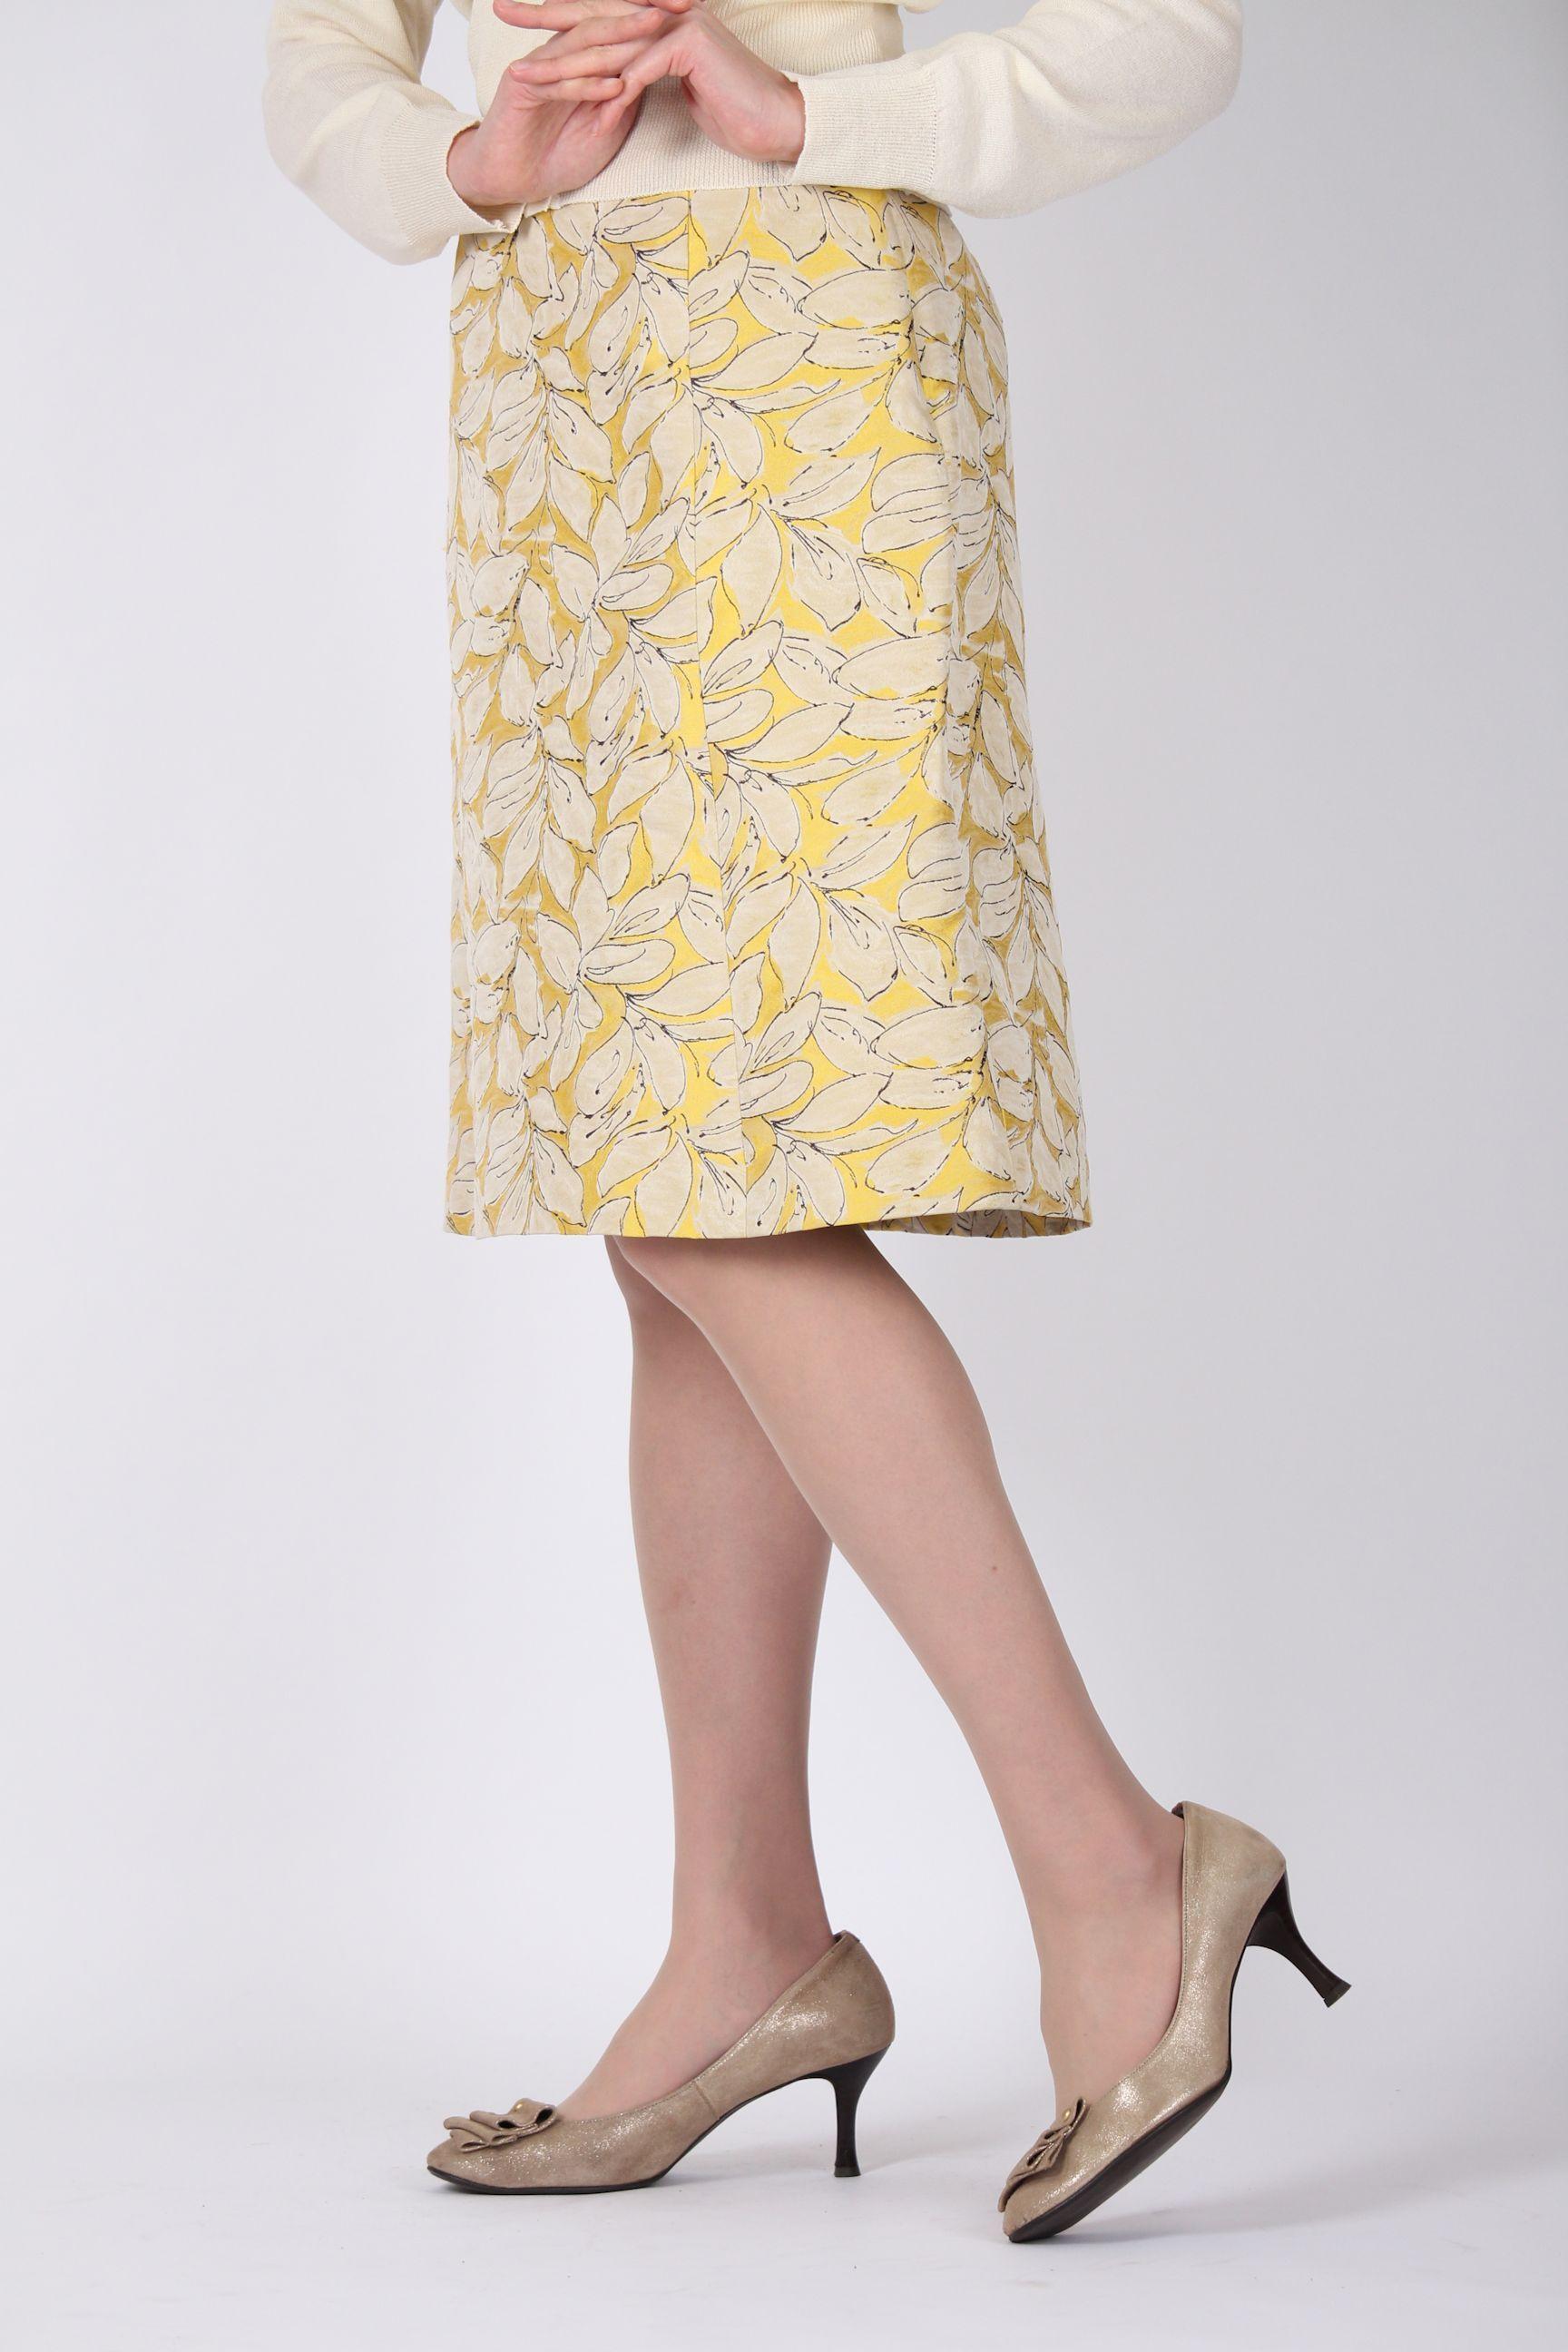 ゴールドイエロー葉っぱのスカート